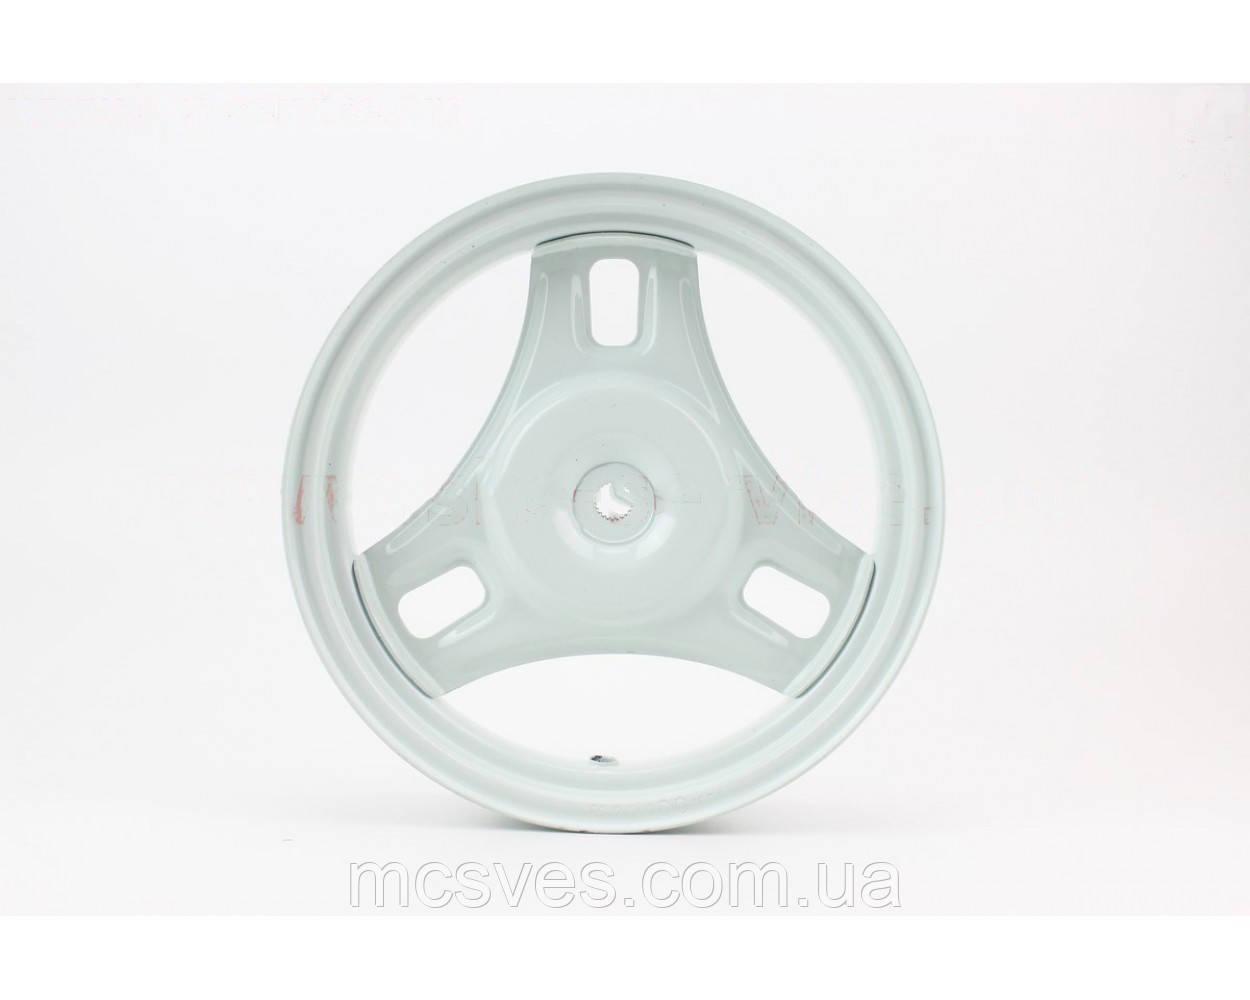 (Китай) Диск колесный задний Honda DIO (стальной) белый